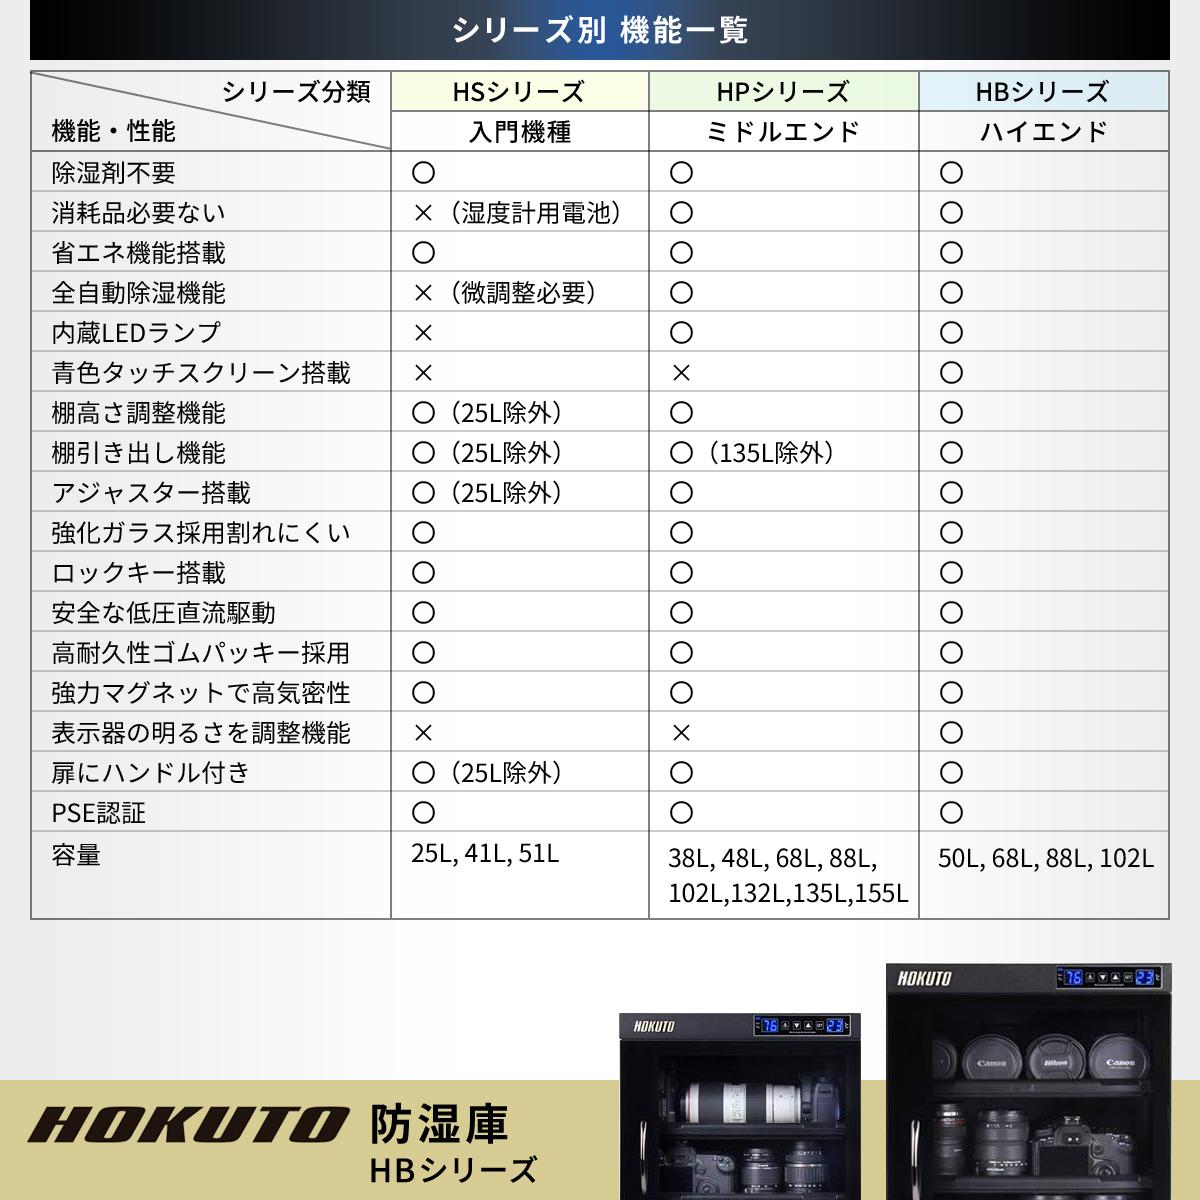 HOKUTO防湿庫・ドライボックス HPシリーズ155L 5年保証送料無料 全自動除湿機能 省エネ機能搭載 スタイリッシュ カメラやレンズのカビ対策楽々、静音、無振動カメラ保管庫 デシケーター カメラカビ対策 除湿庫 レンズカビ対策 ドライキャビネット 5年保証